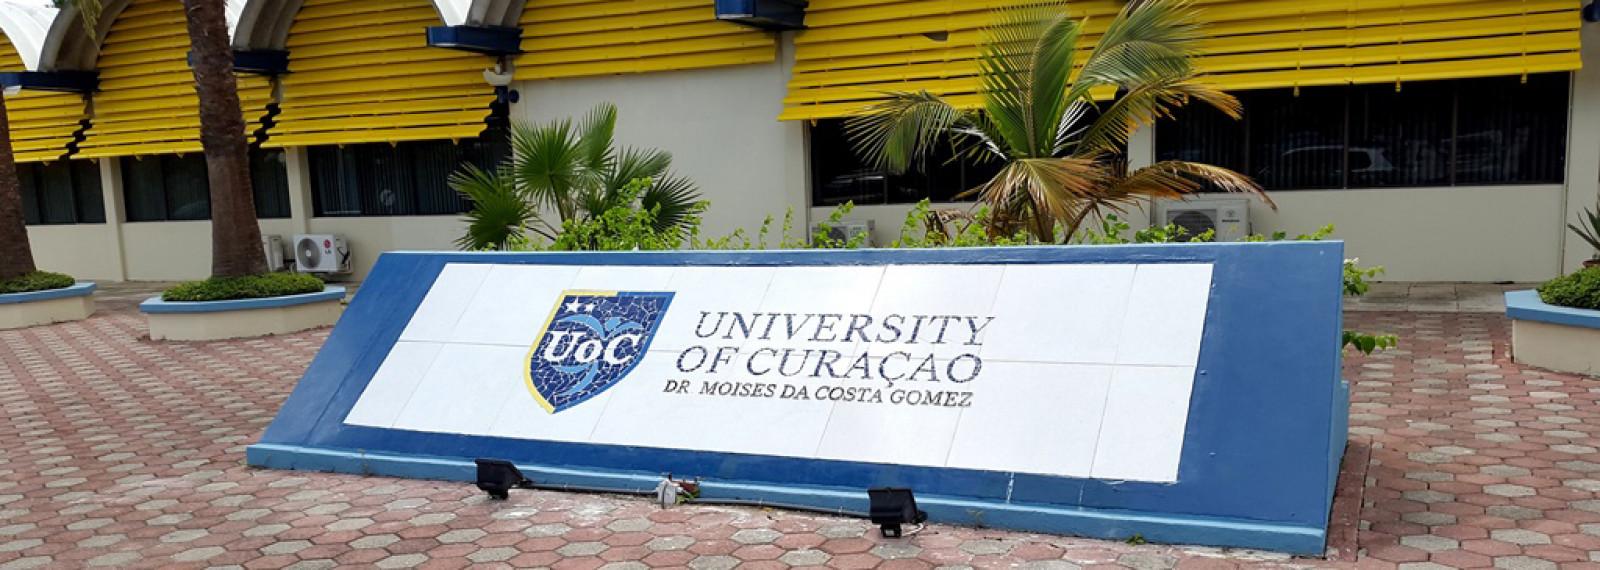 De voordelen van intra-EU Bilaterale Investeringsverdragen voor Curaçao